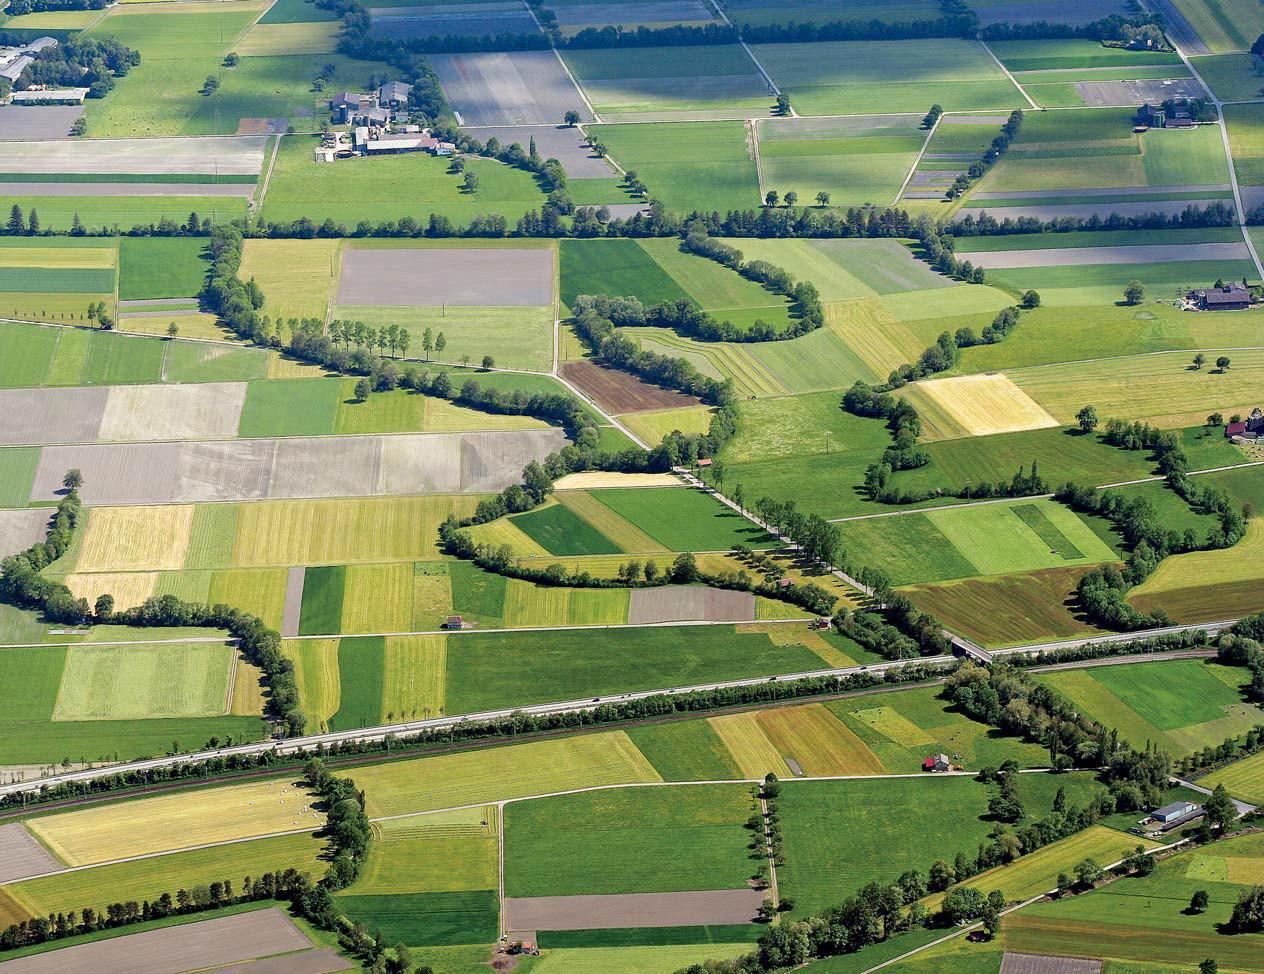 Biodiversität – alte Herausforderungen, neue Chancen